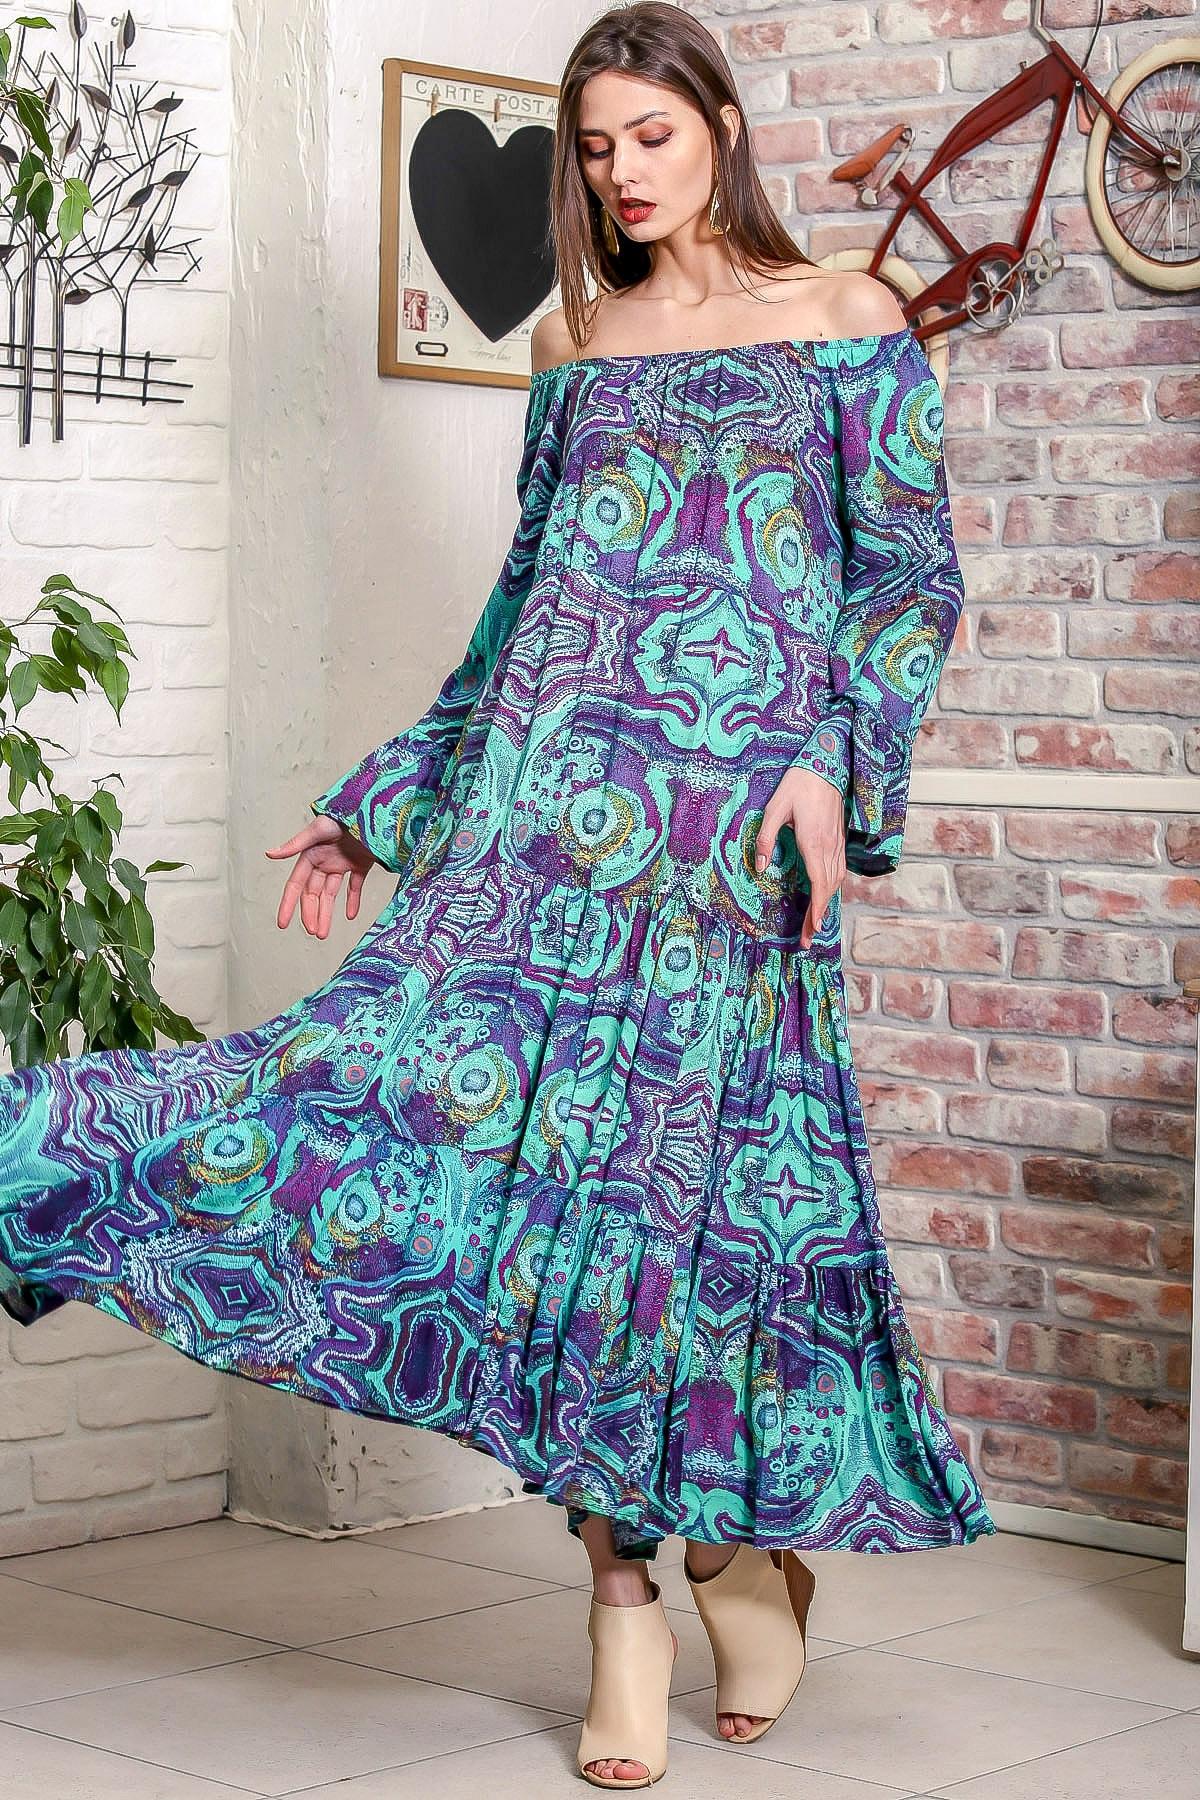 Chiccy Kadın Yeşil Carmen Yaka Sulu Boya Desenli Kol Ucu Volanlı Salaş Dokuma Elbise M10160000EL95906